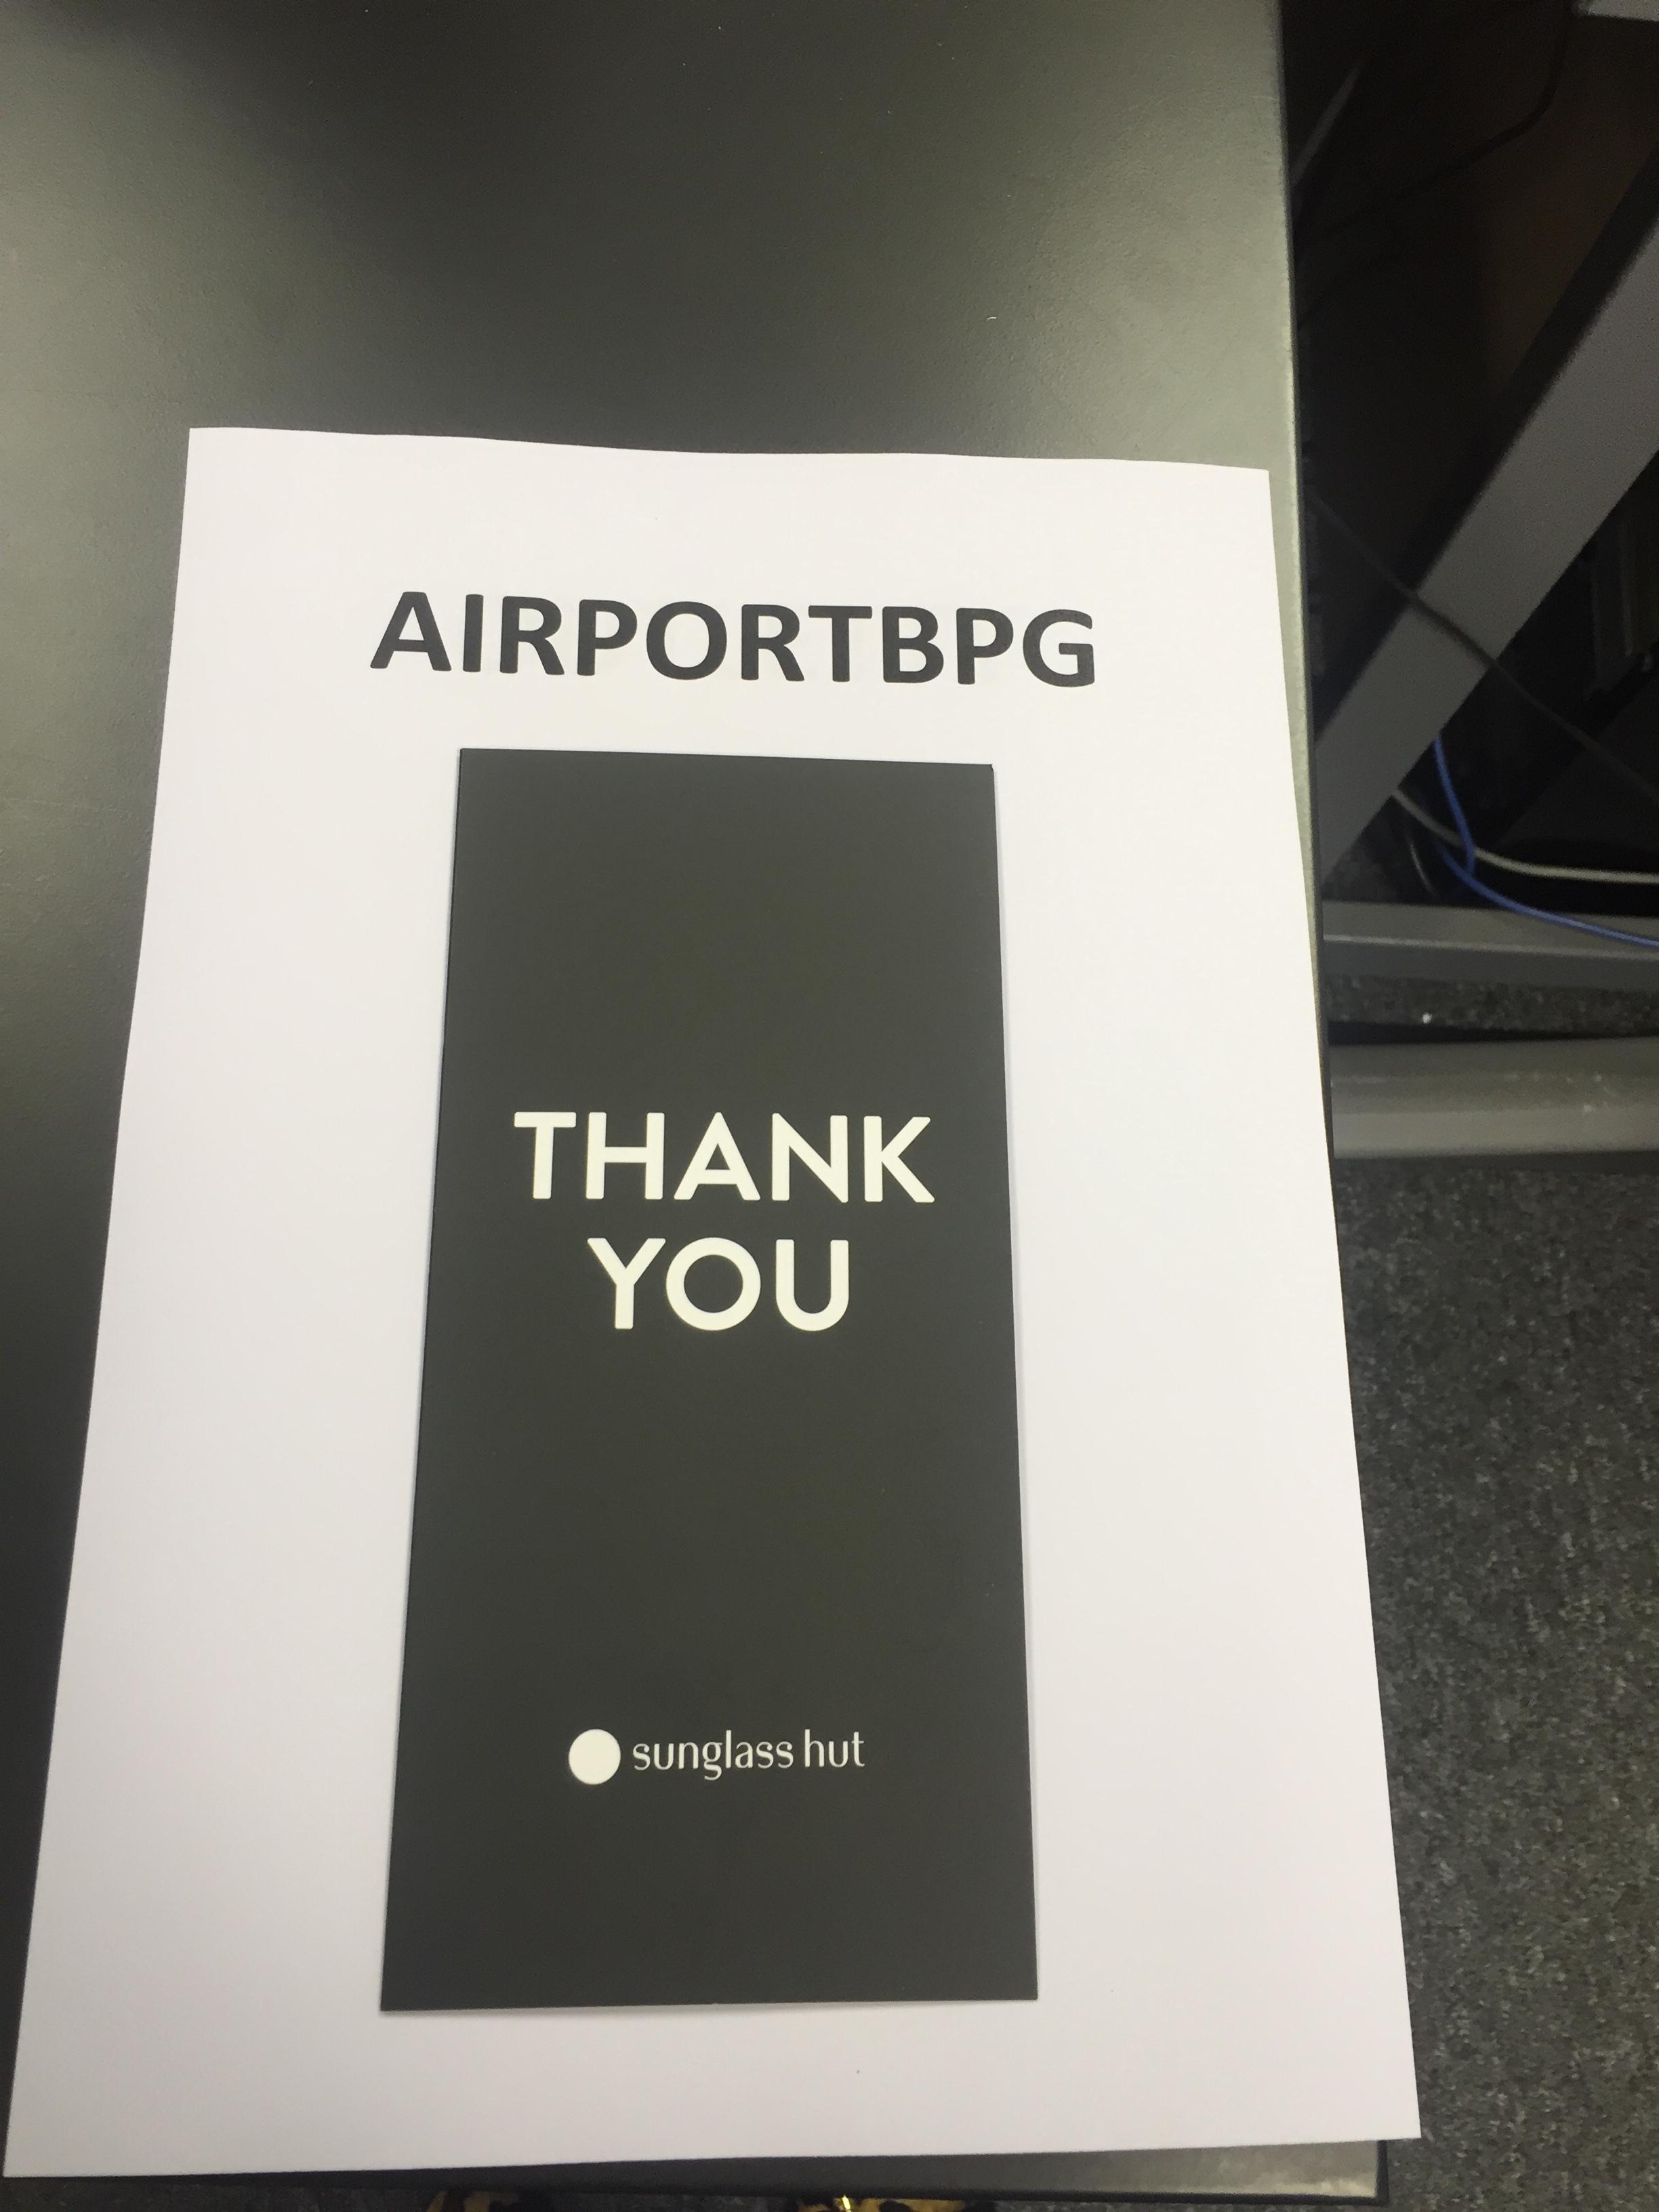 AIRPORTBPG